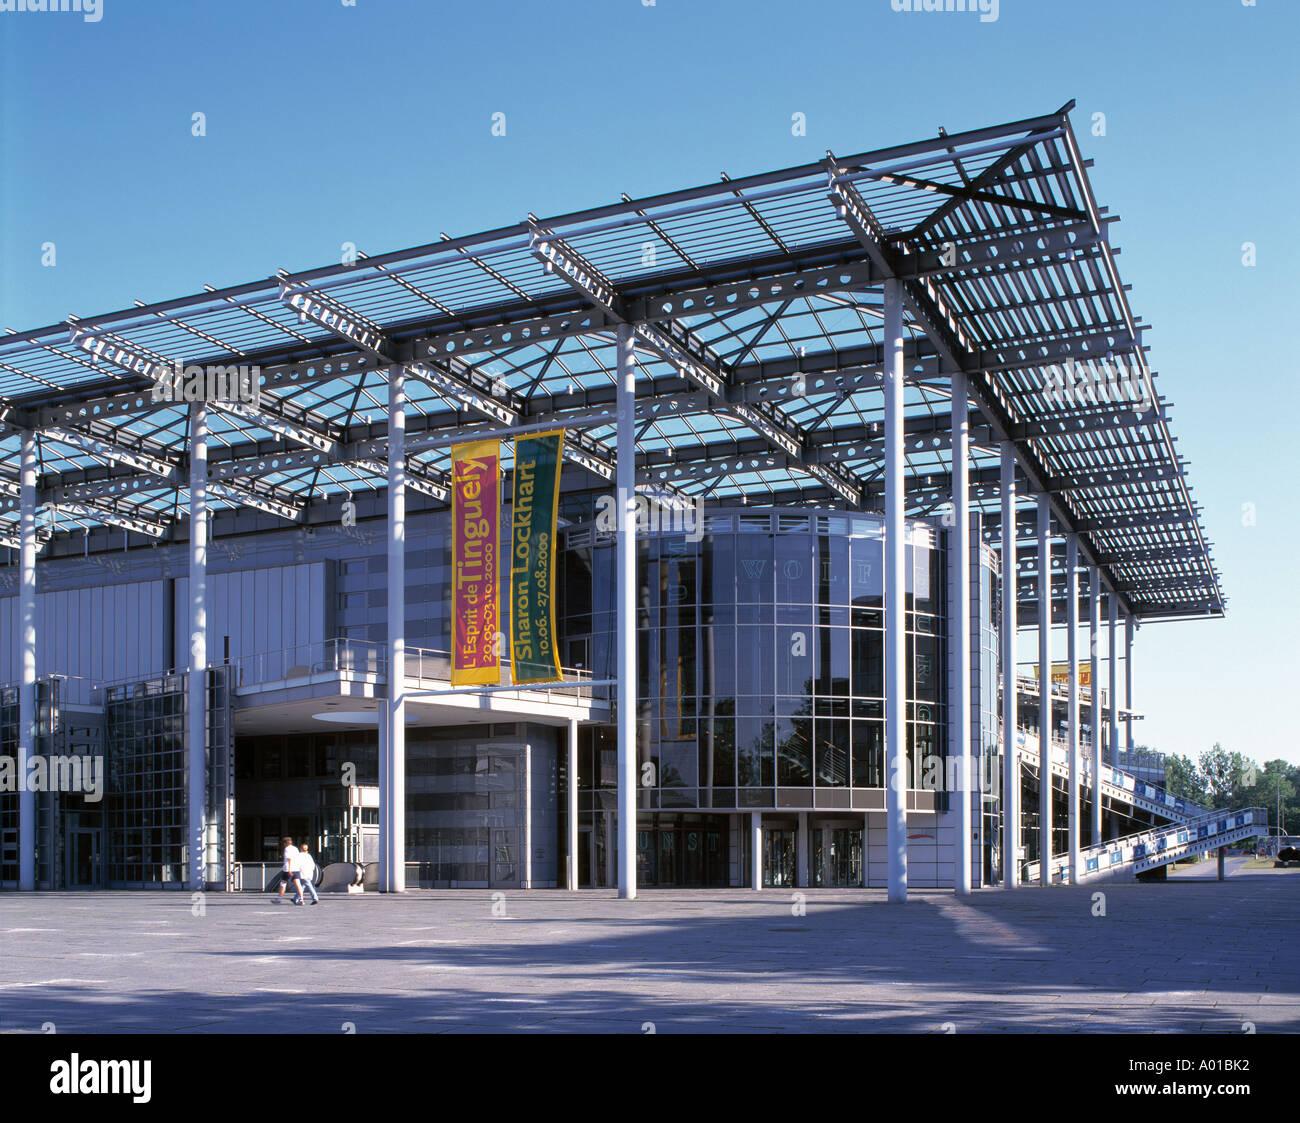 Architekt Wolfsburg kunstmuseum architekt schweger in wolfsburg niedersachsen